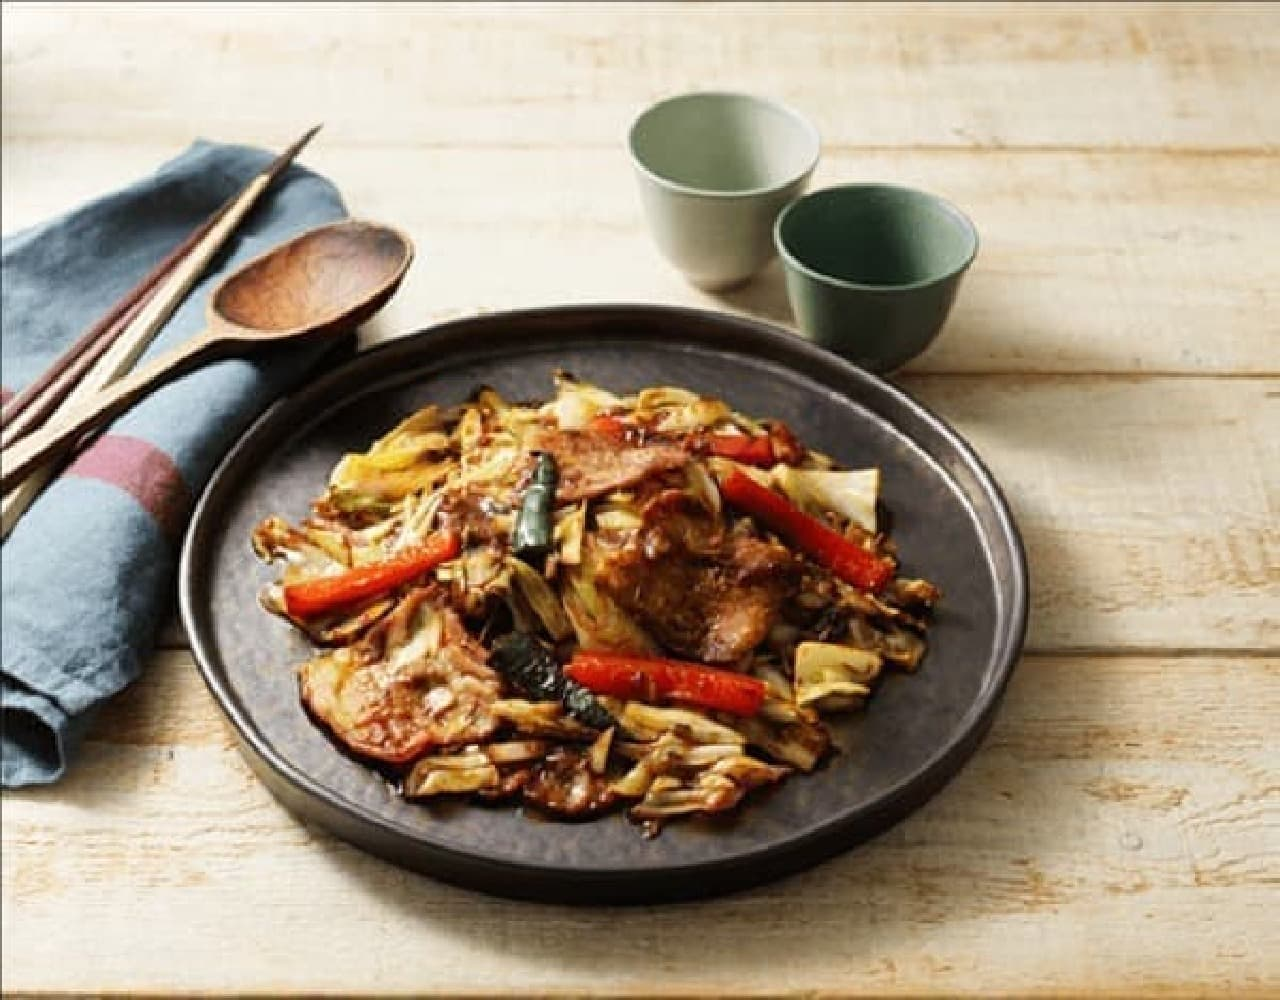 成城石井初のミールキットシリーズ「国産豚肉の特製たれ回鍋肉」